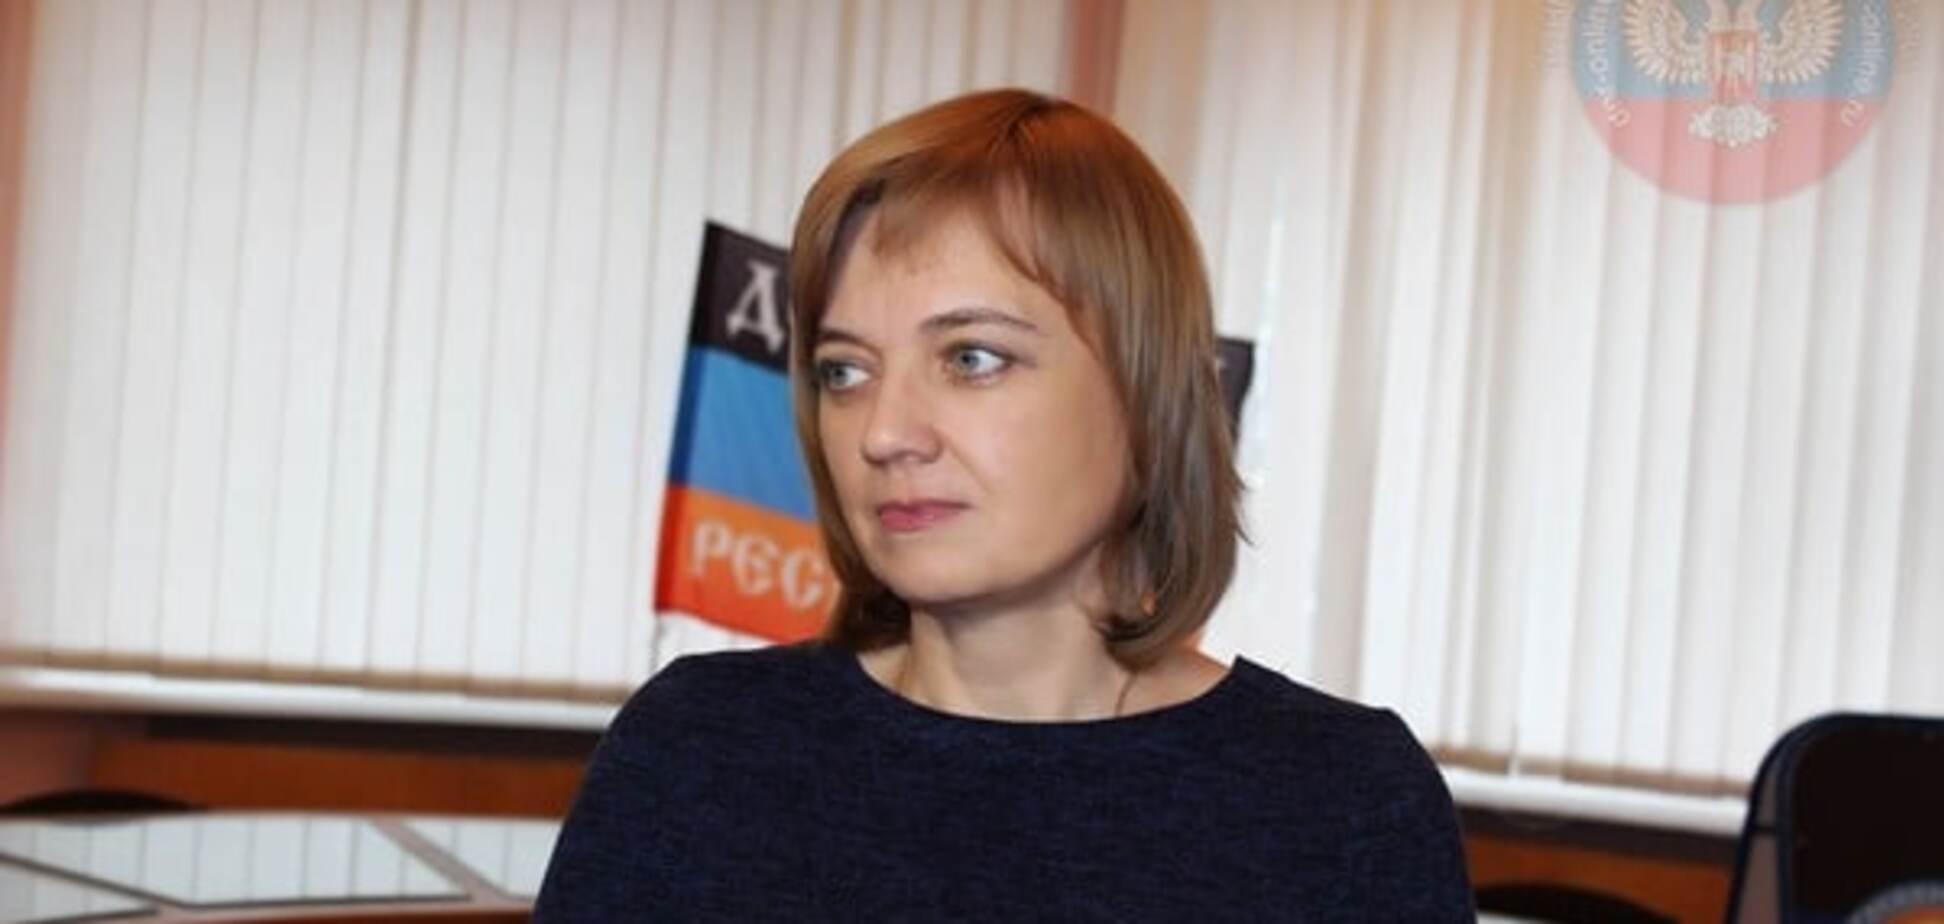 Обиделись: 'ДНР' решила наказать украинских журналистов